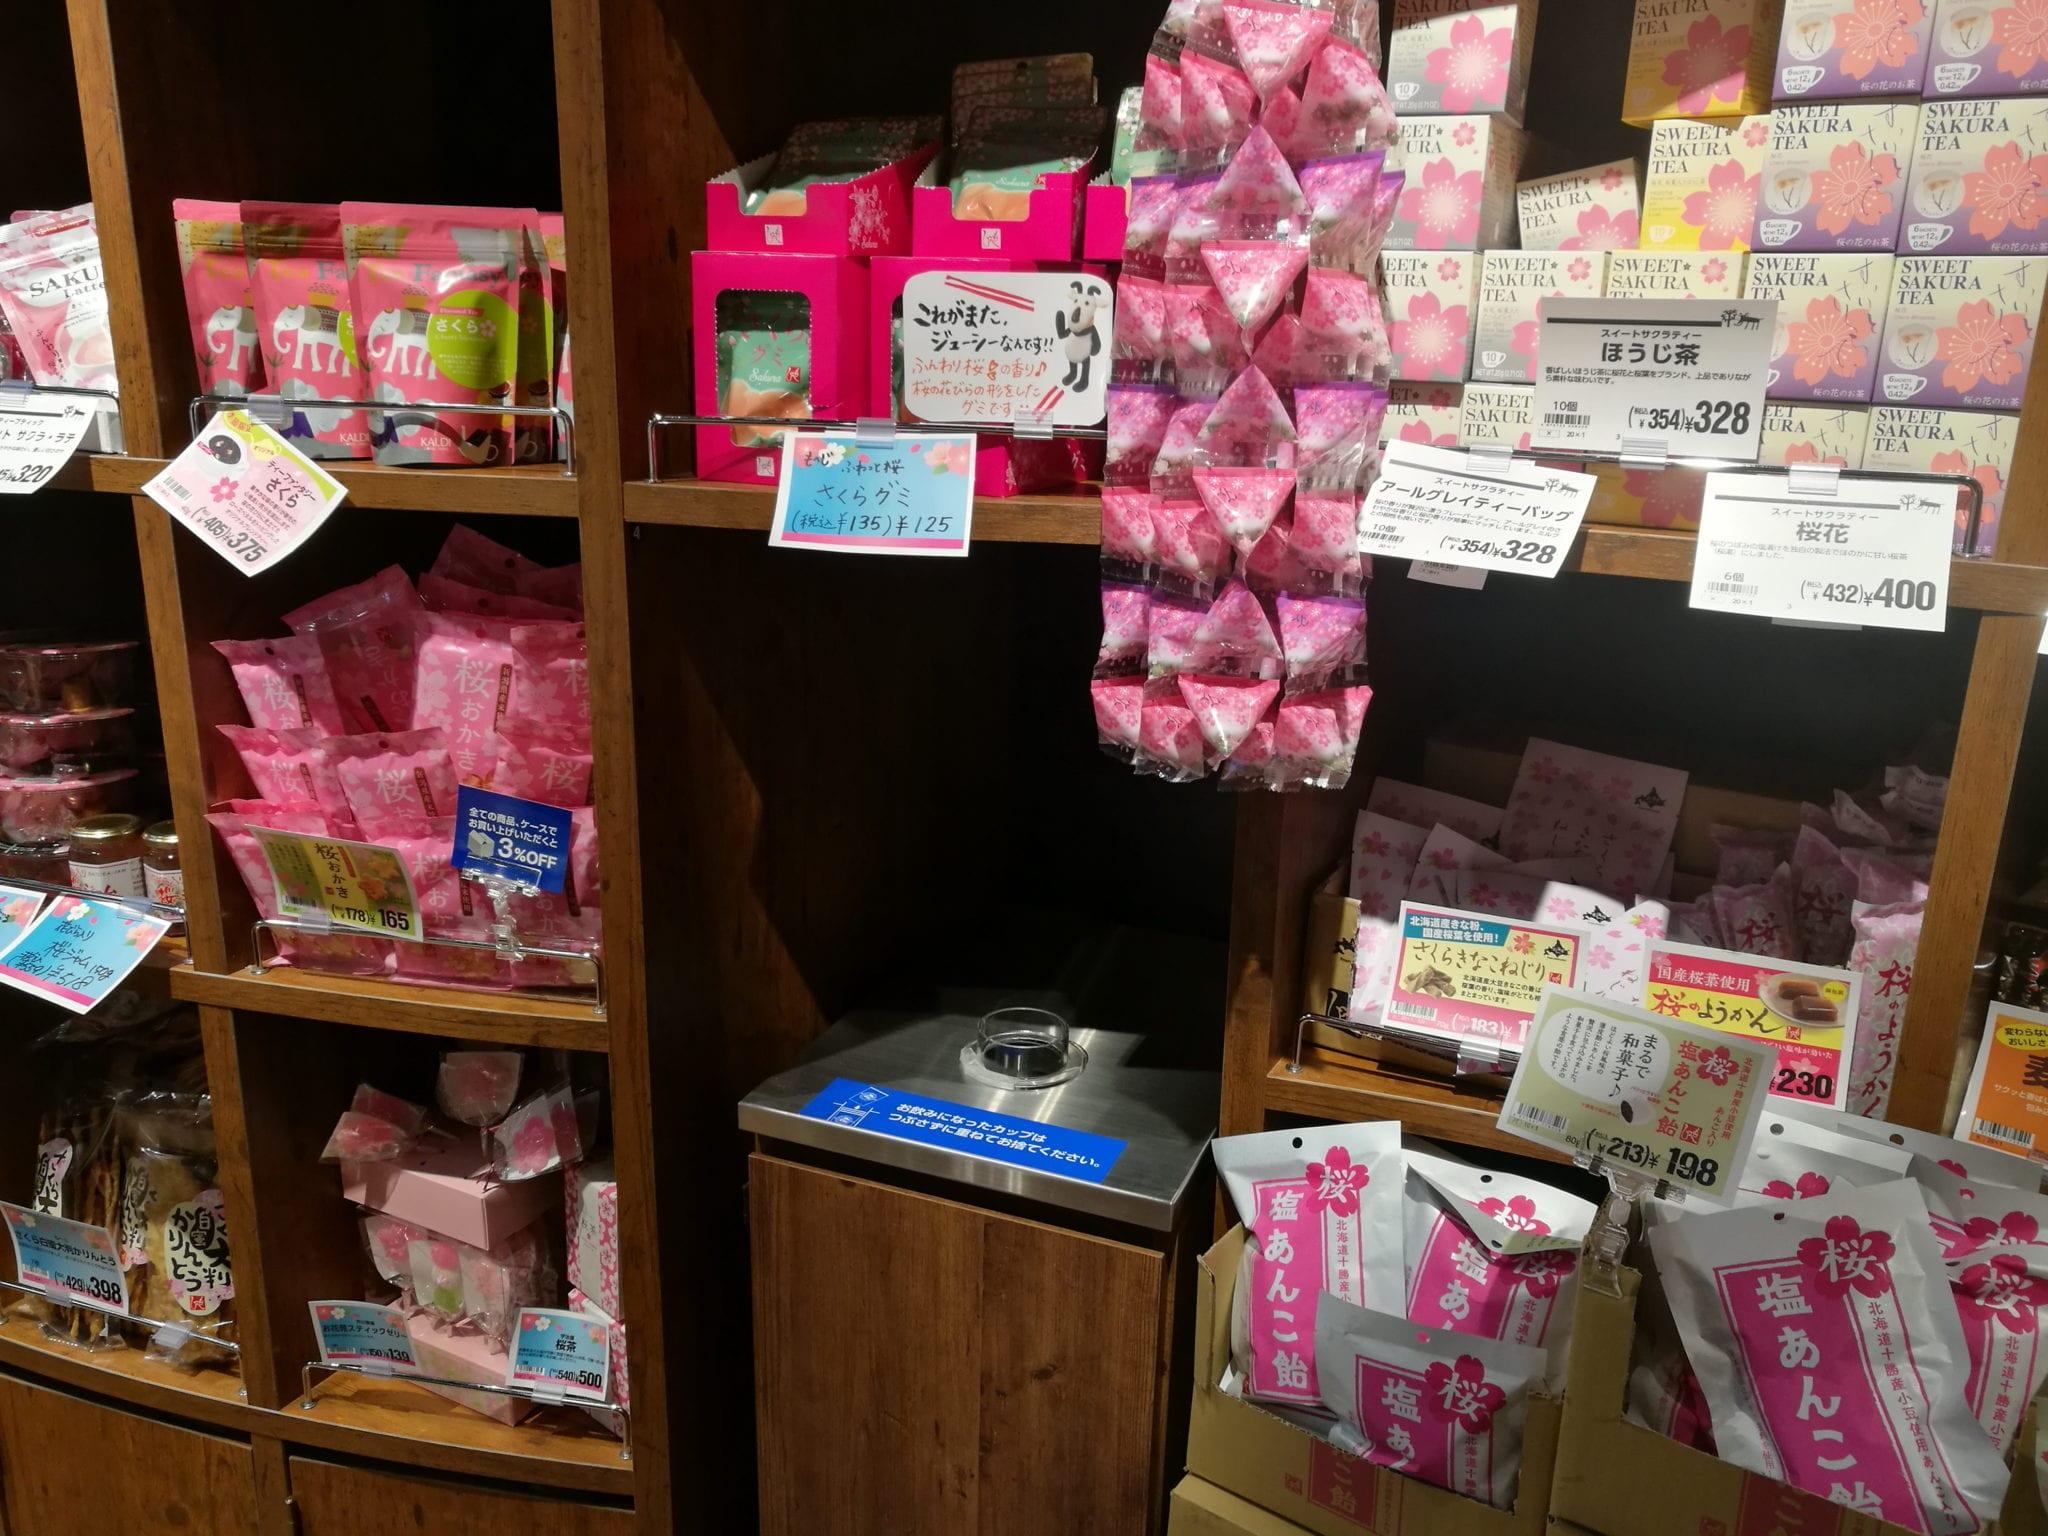 ขนมน่ากิน ร้านเบเกอรี่ ขนมญี่ปุ่น ร้านซากุระ